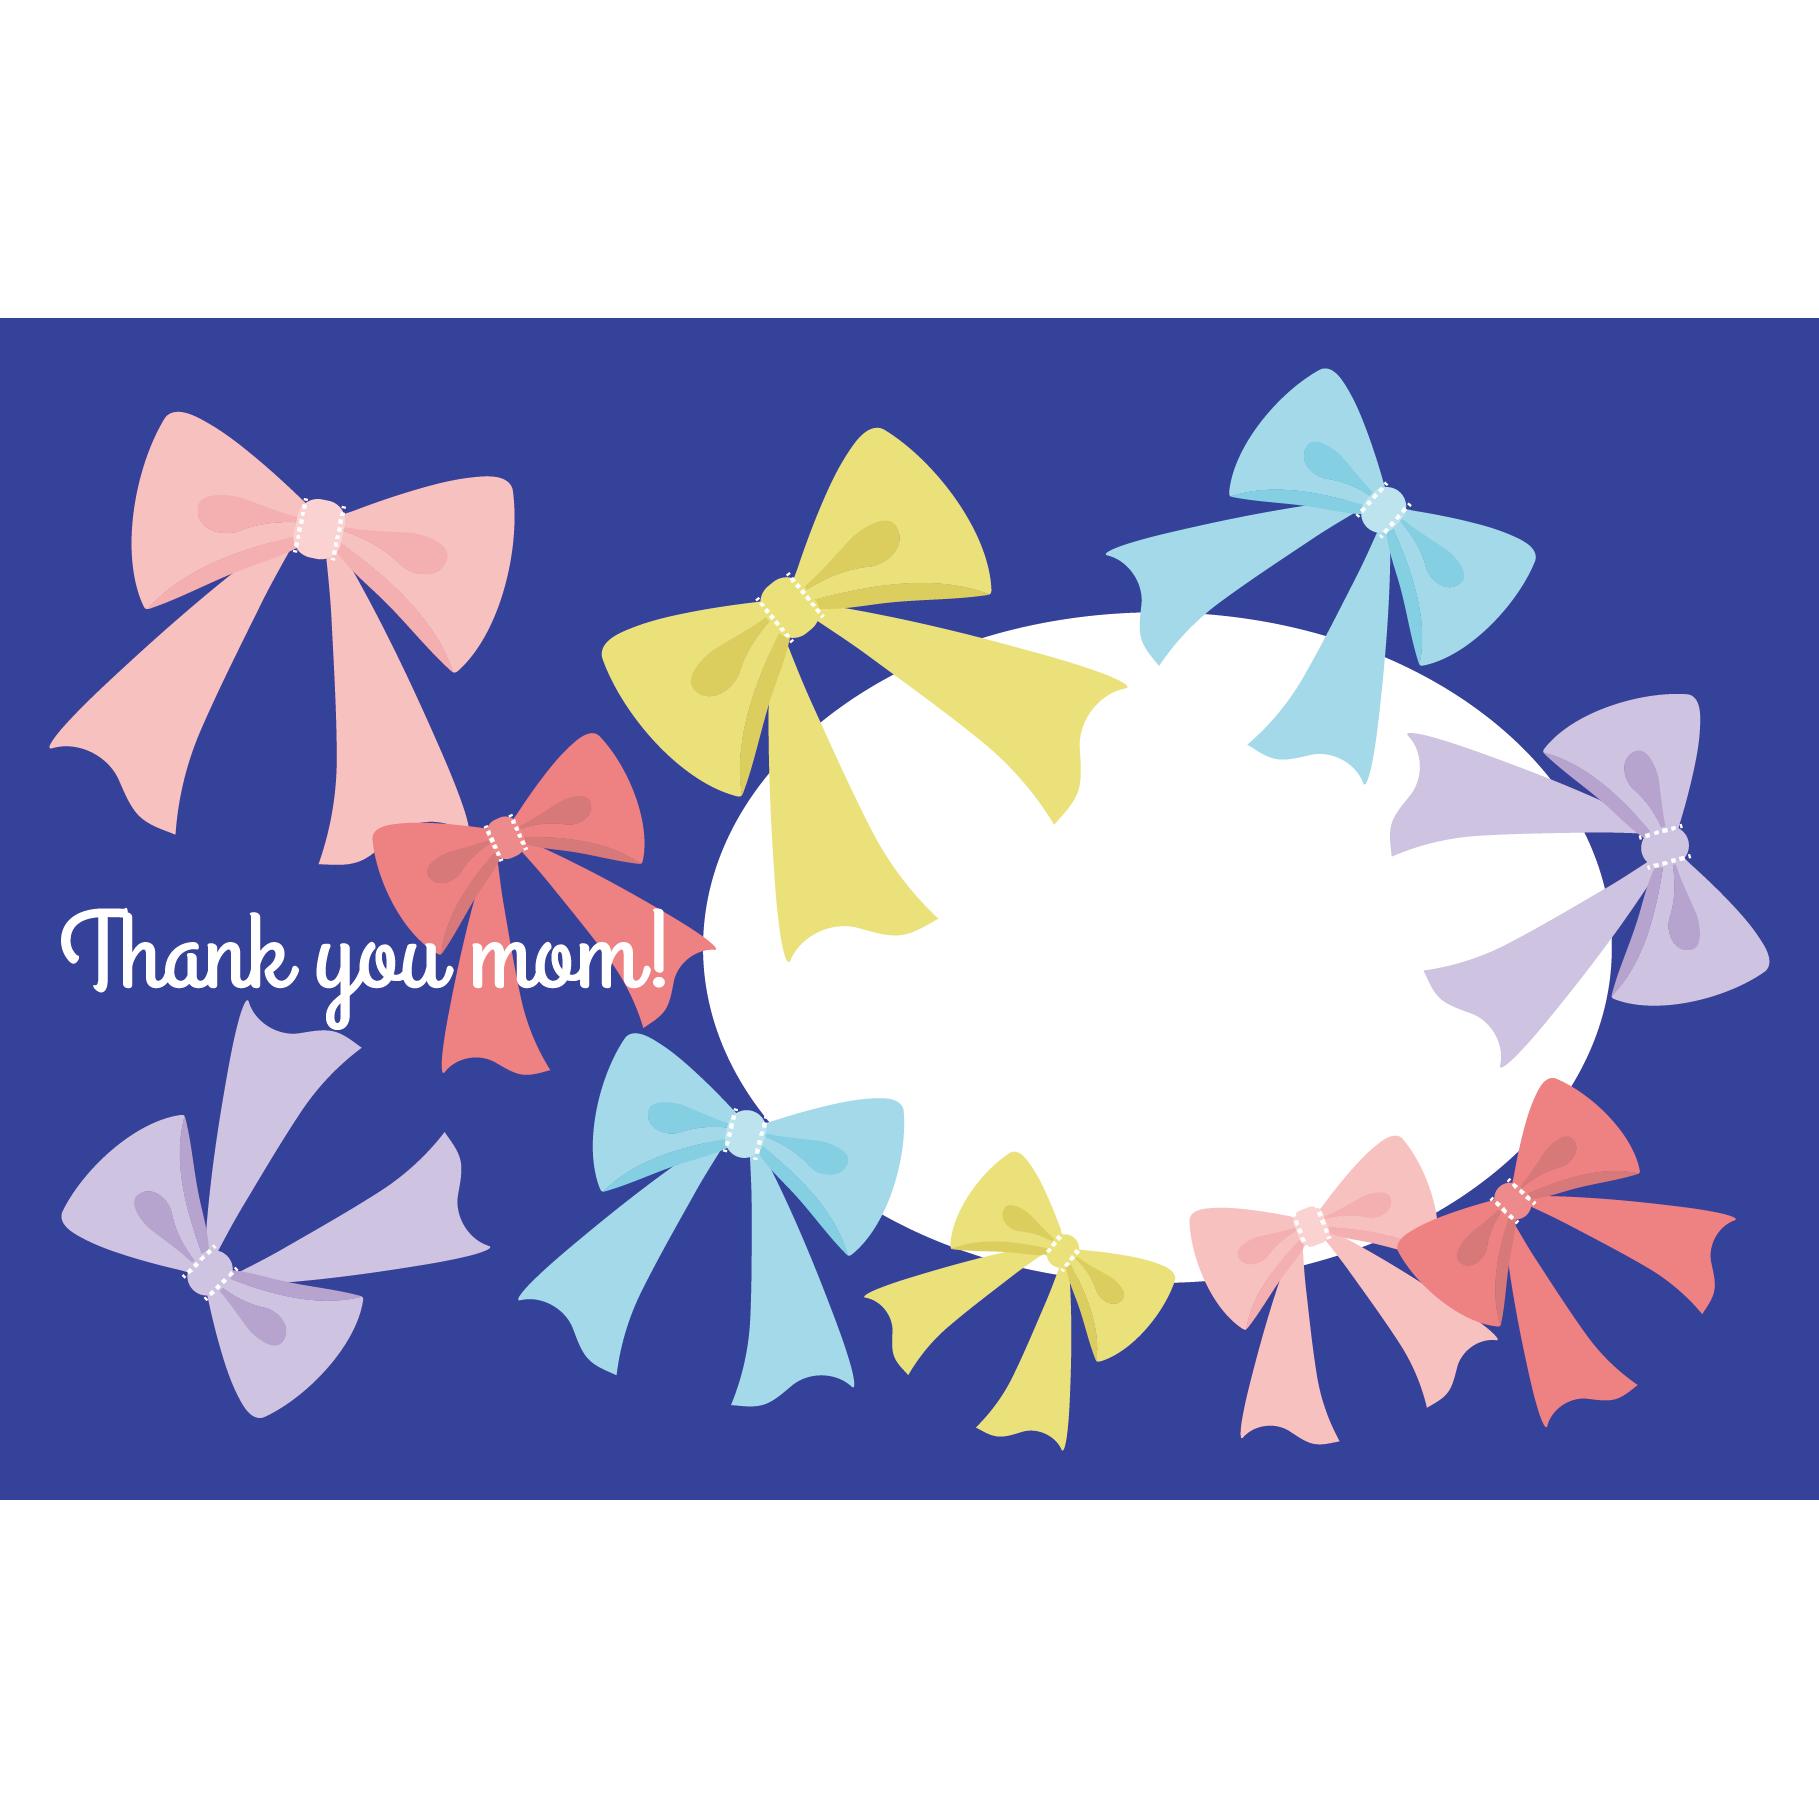 リボン柄の 母の日 メッセージ カード 無料 イラスト